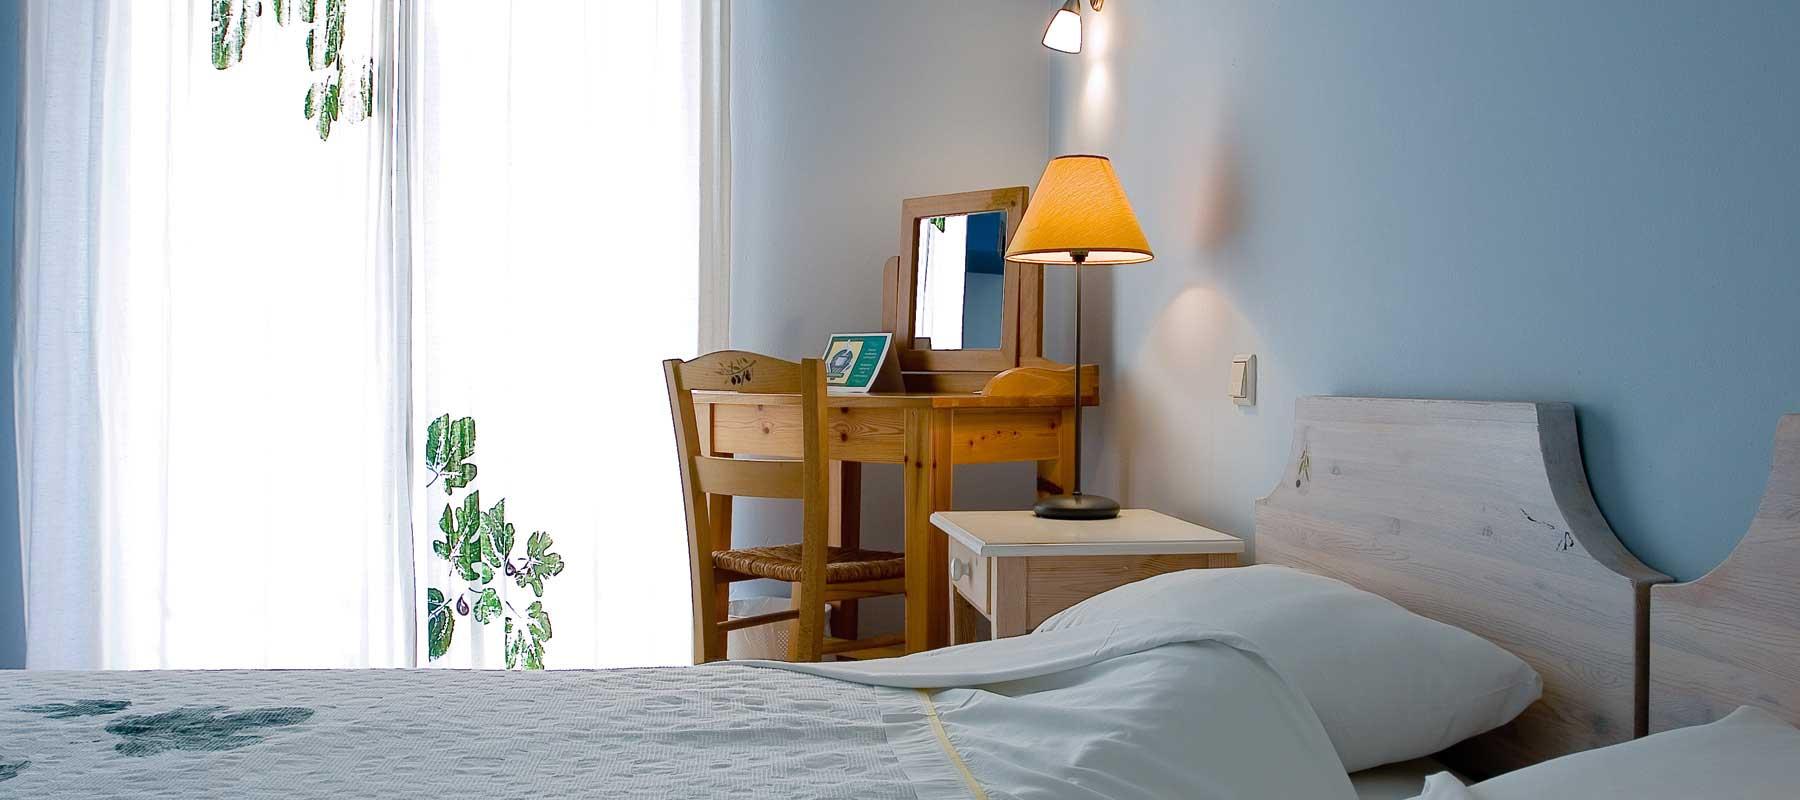 Camere spațioase cu grădină sau verandă, ideale pentru a admira apusul...